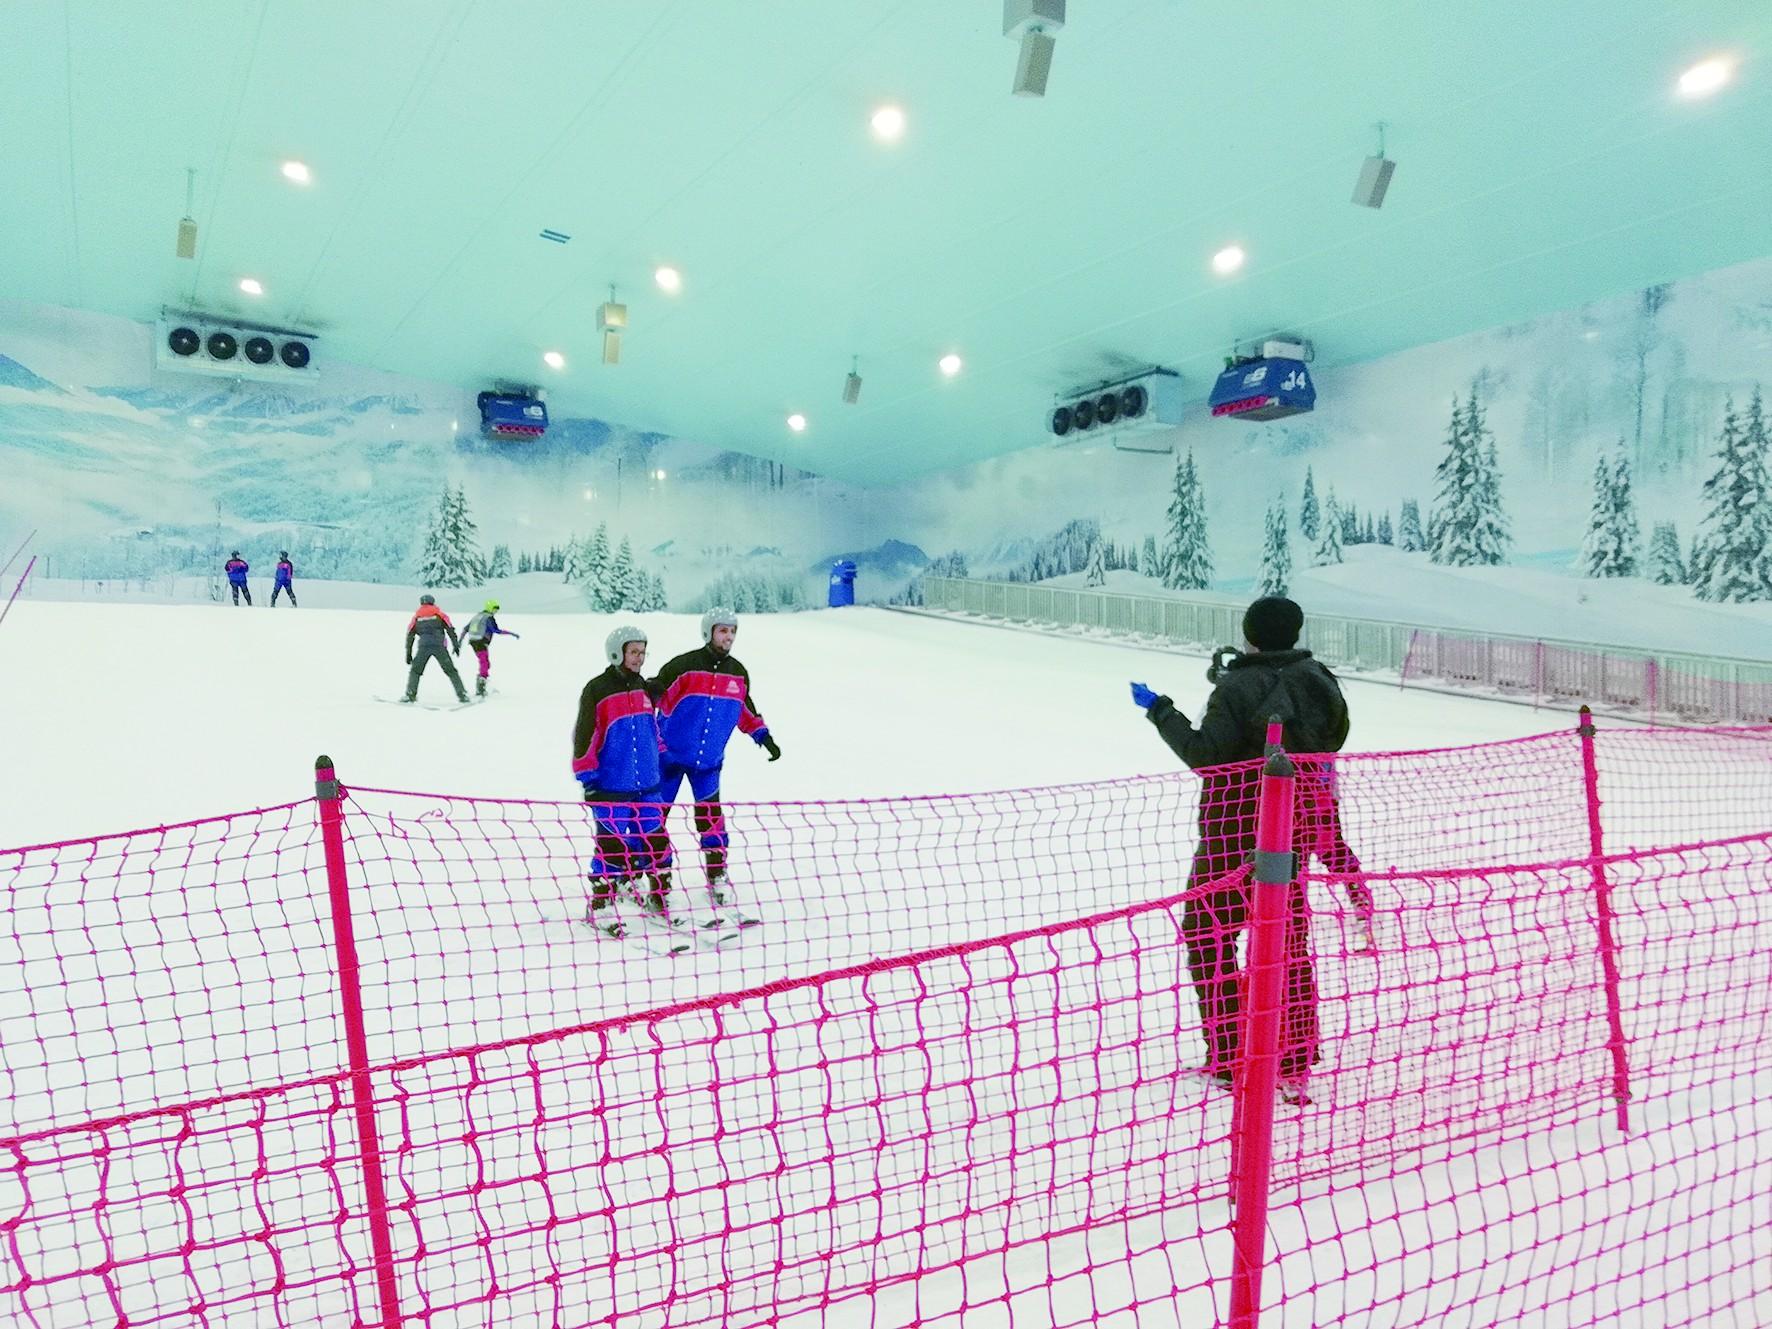 七千噸雪造雪場 非洲大陸第一家 在炎熱埃及體驗滑雪